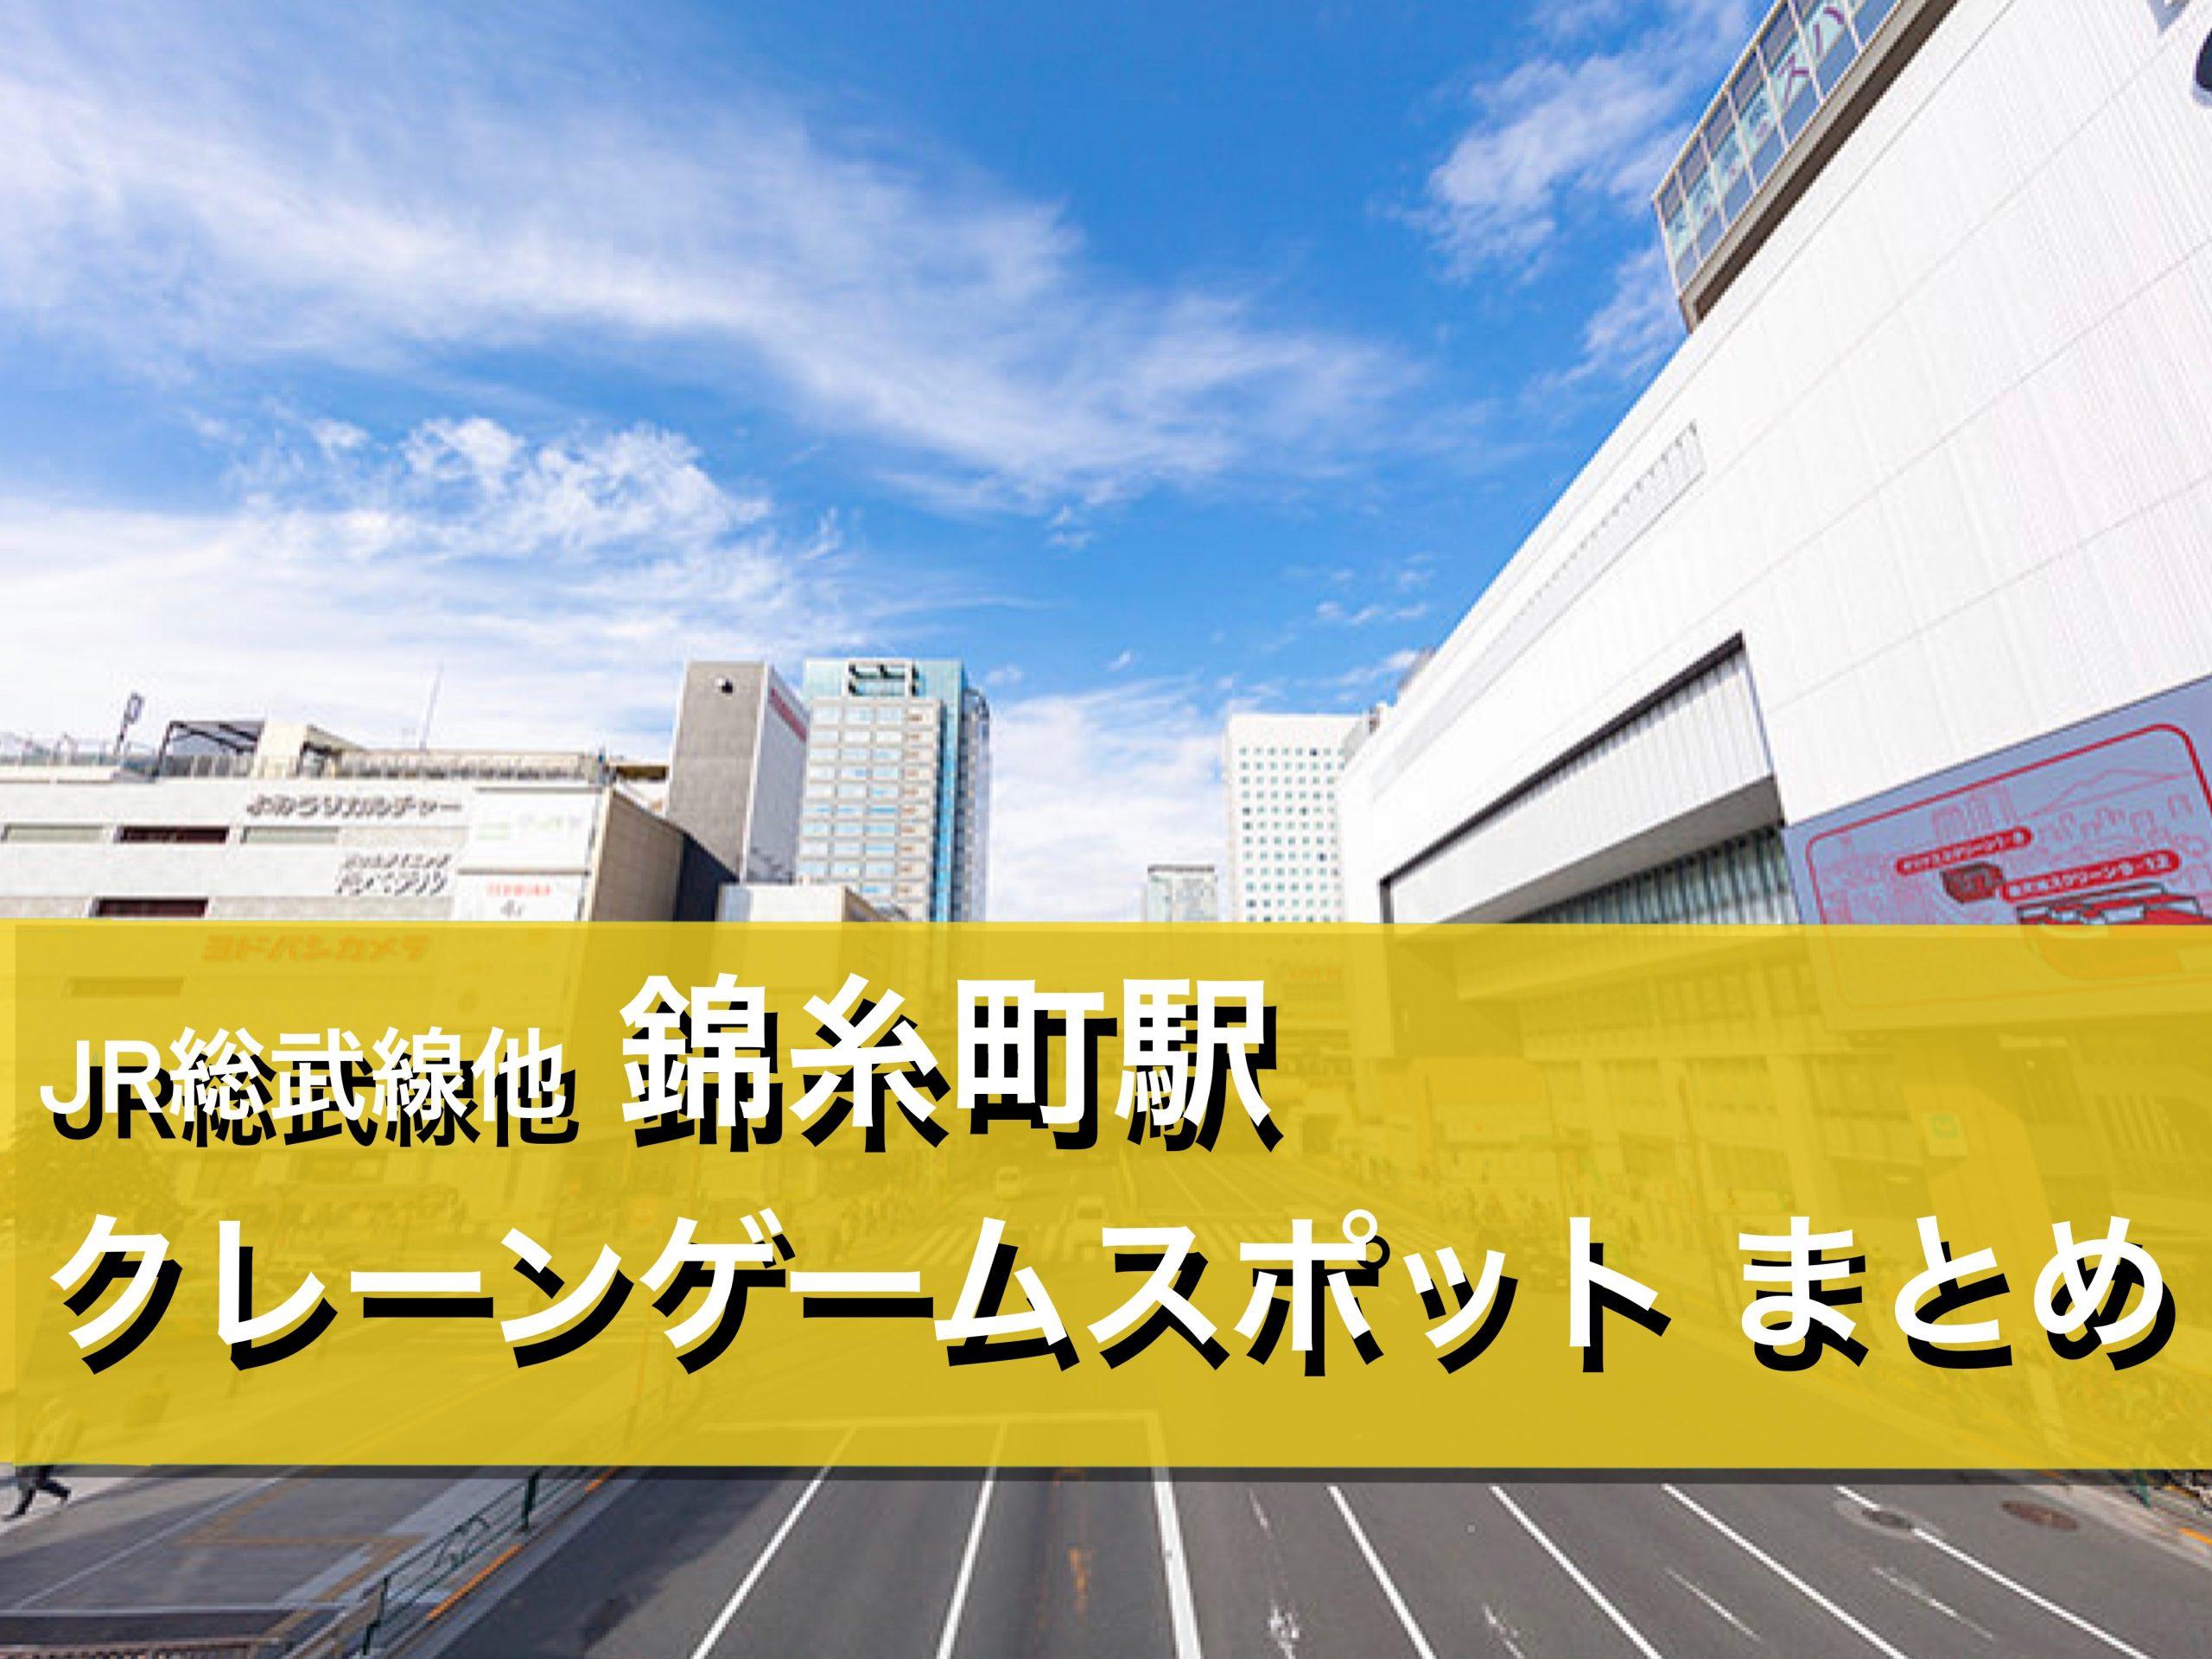 【錦糸町駅】クレーンゲームができる場所